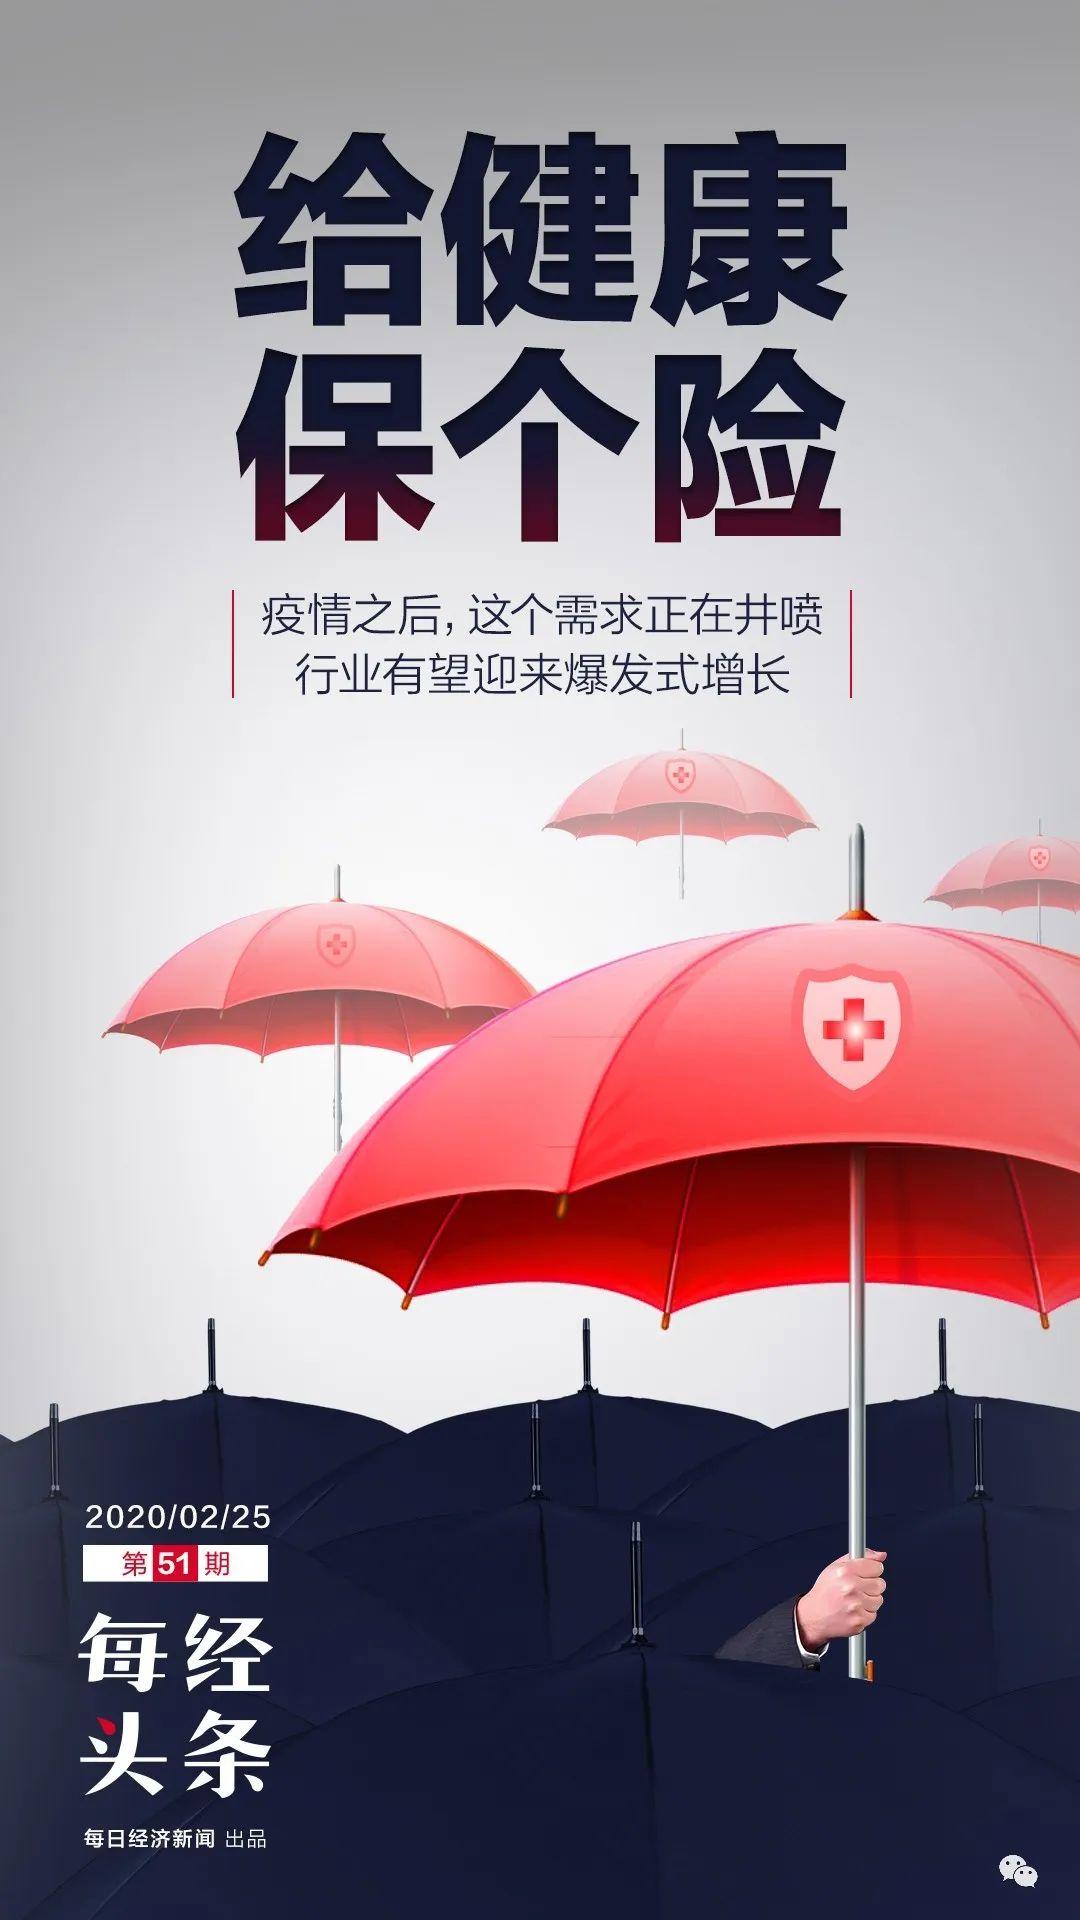 广东省援助湖北医疗队除夕夜启程